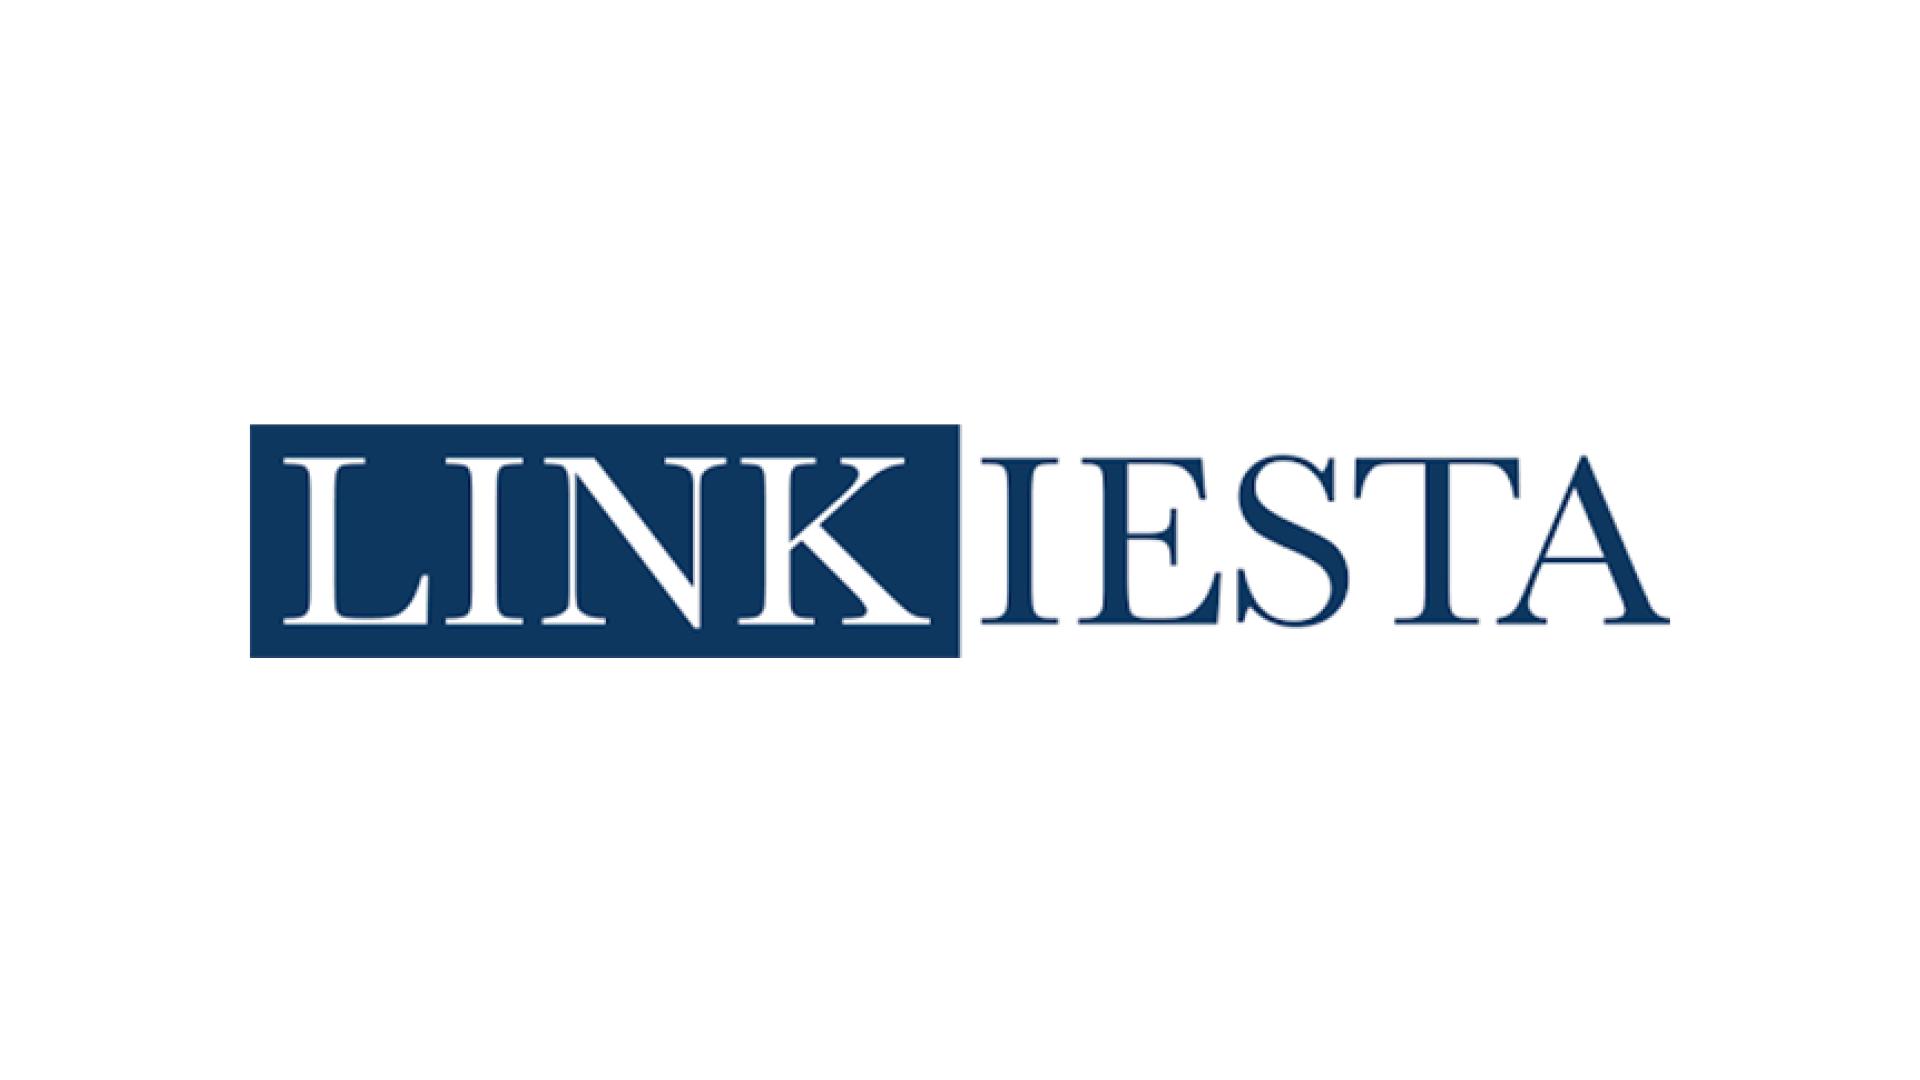 Linkiesta_logo